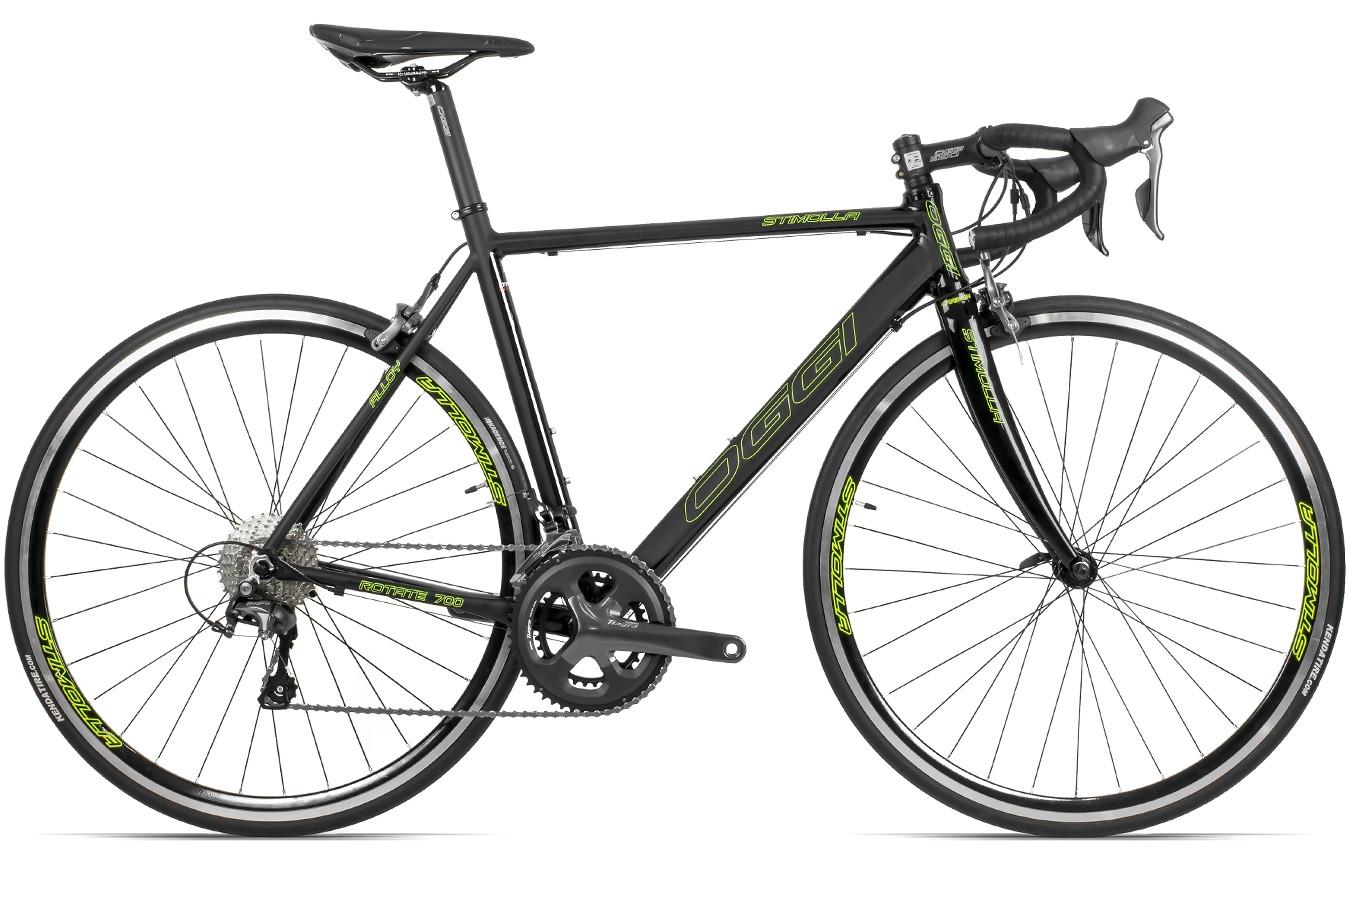 Bicicleta 700 Speed Stimolla 2016 - Oggi